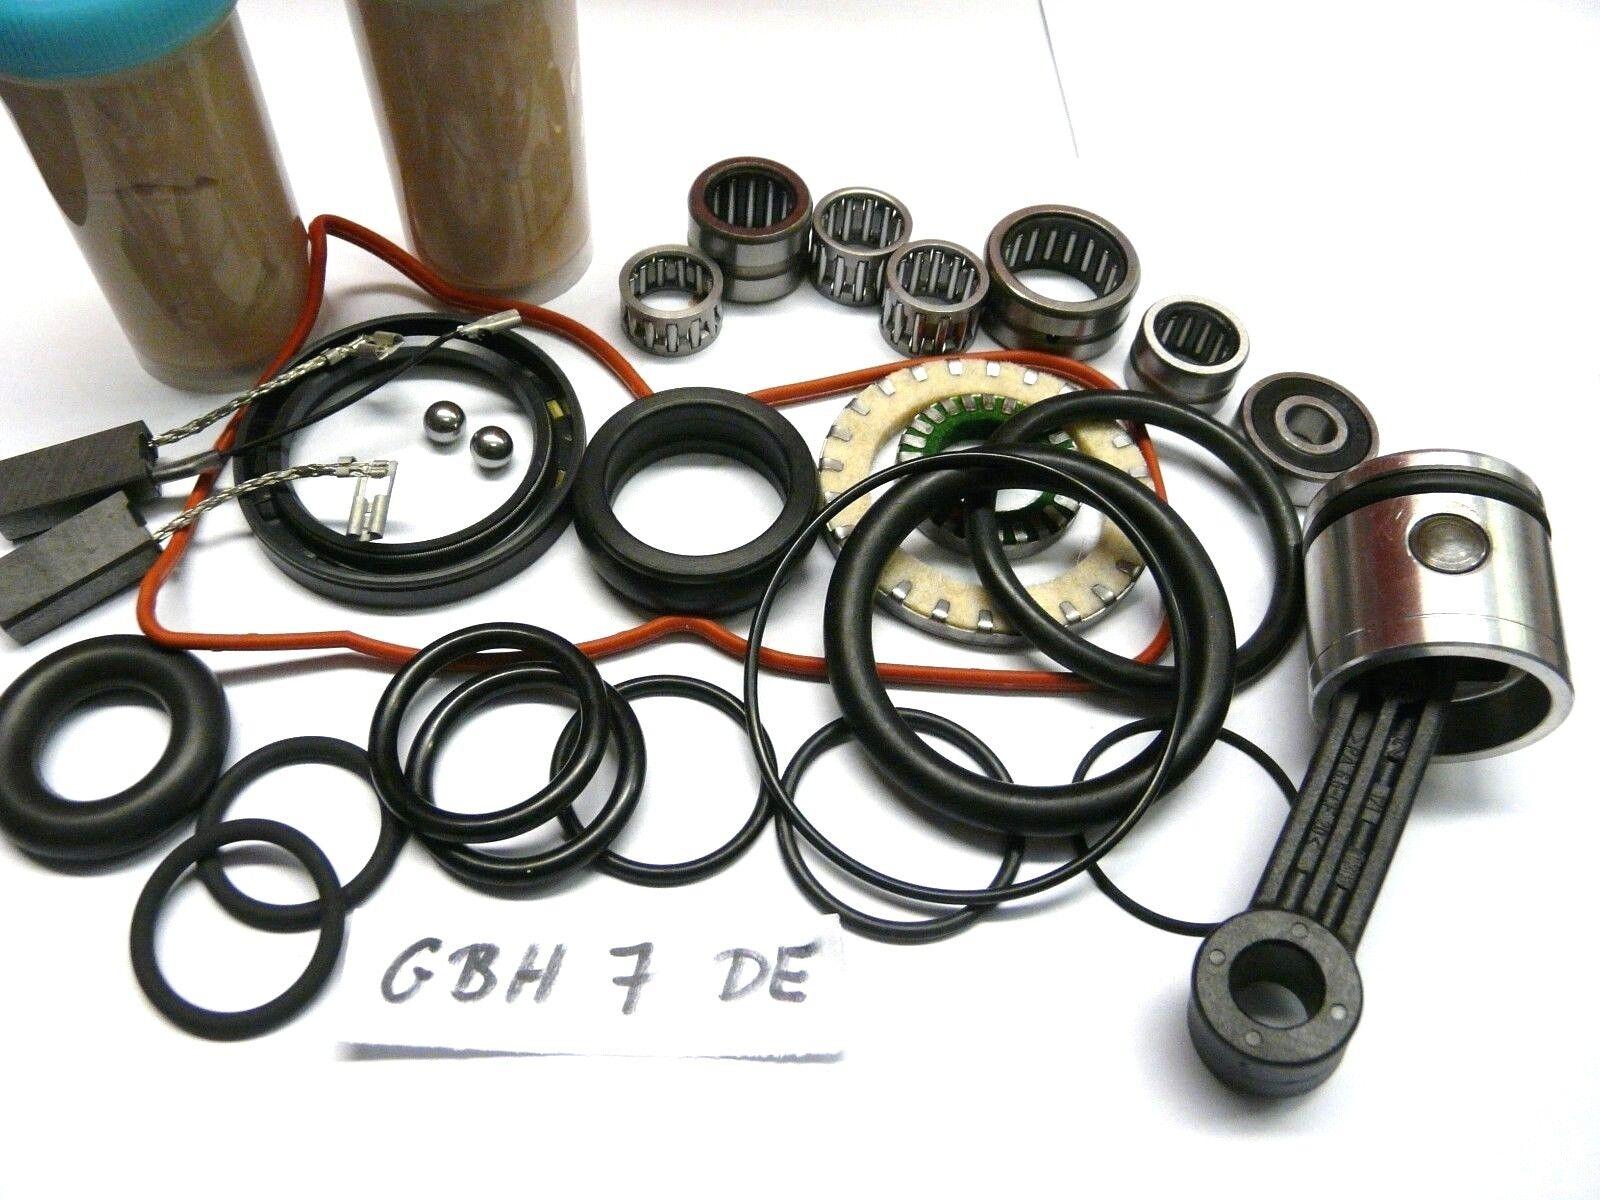 Bosch GBH 7 DE , Reparatursatz, Verschleissteilesatz + Hammerkolben